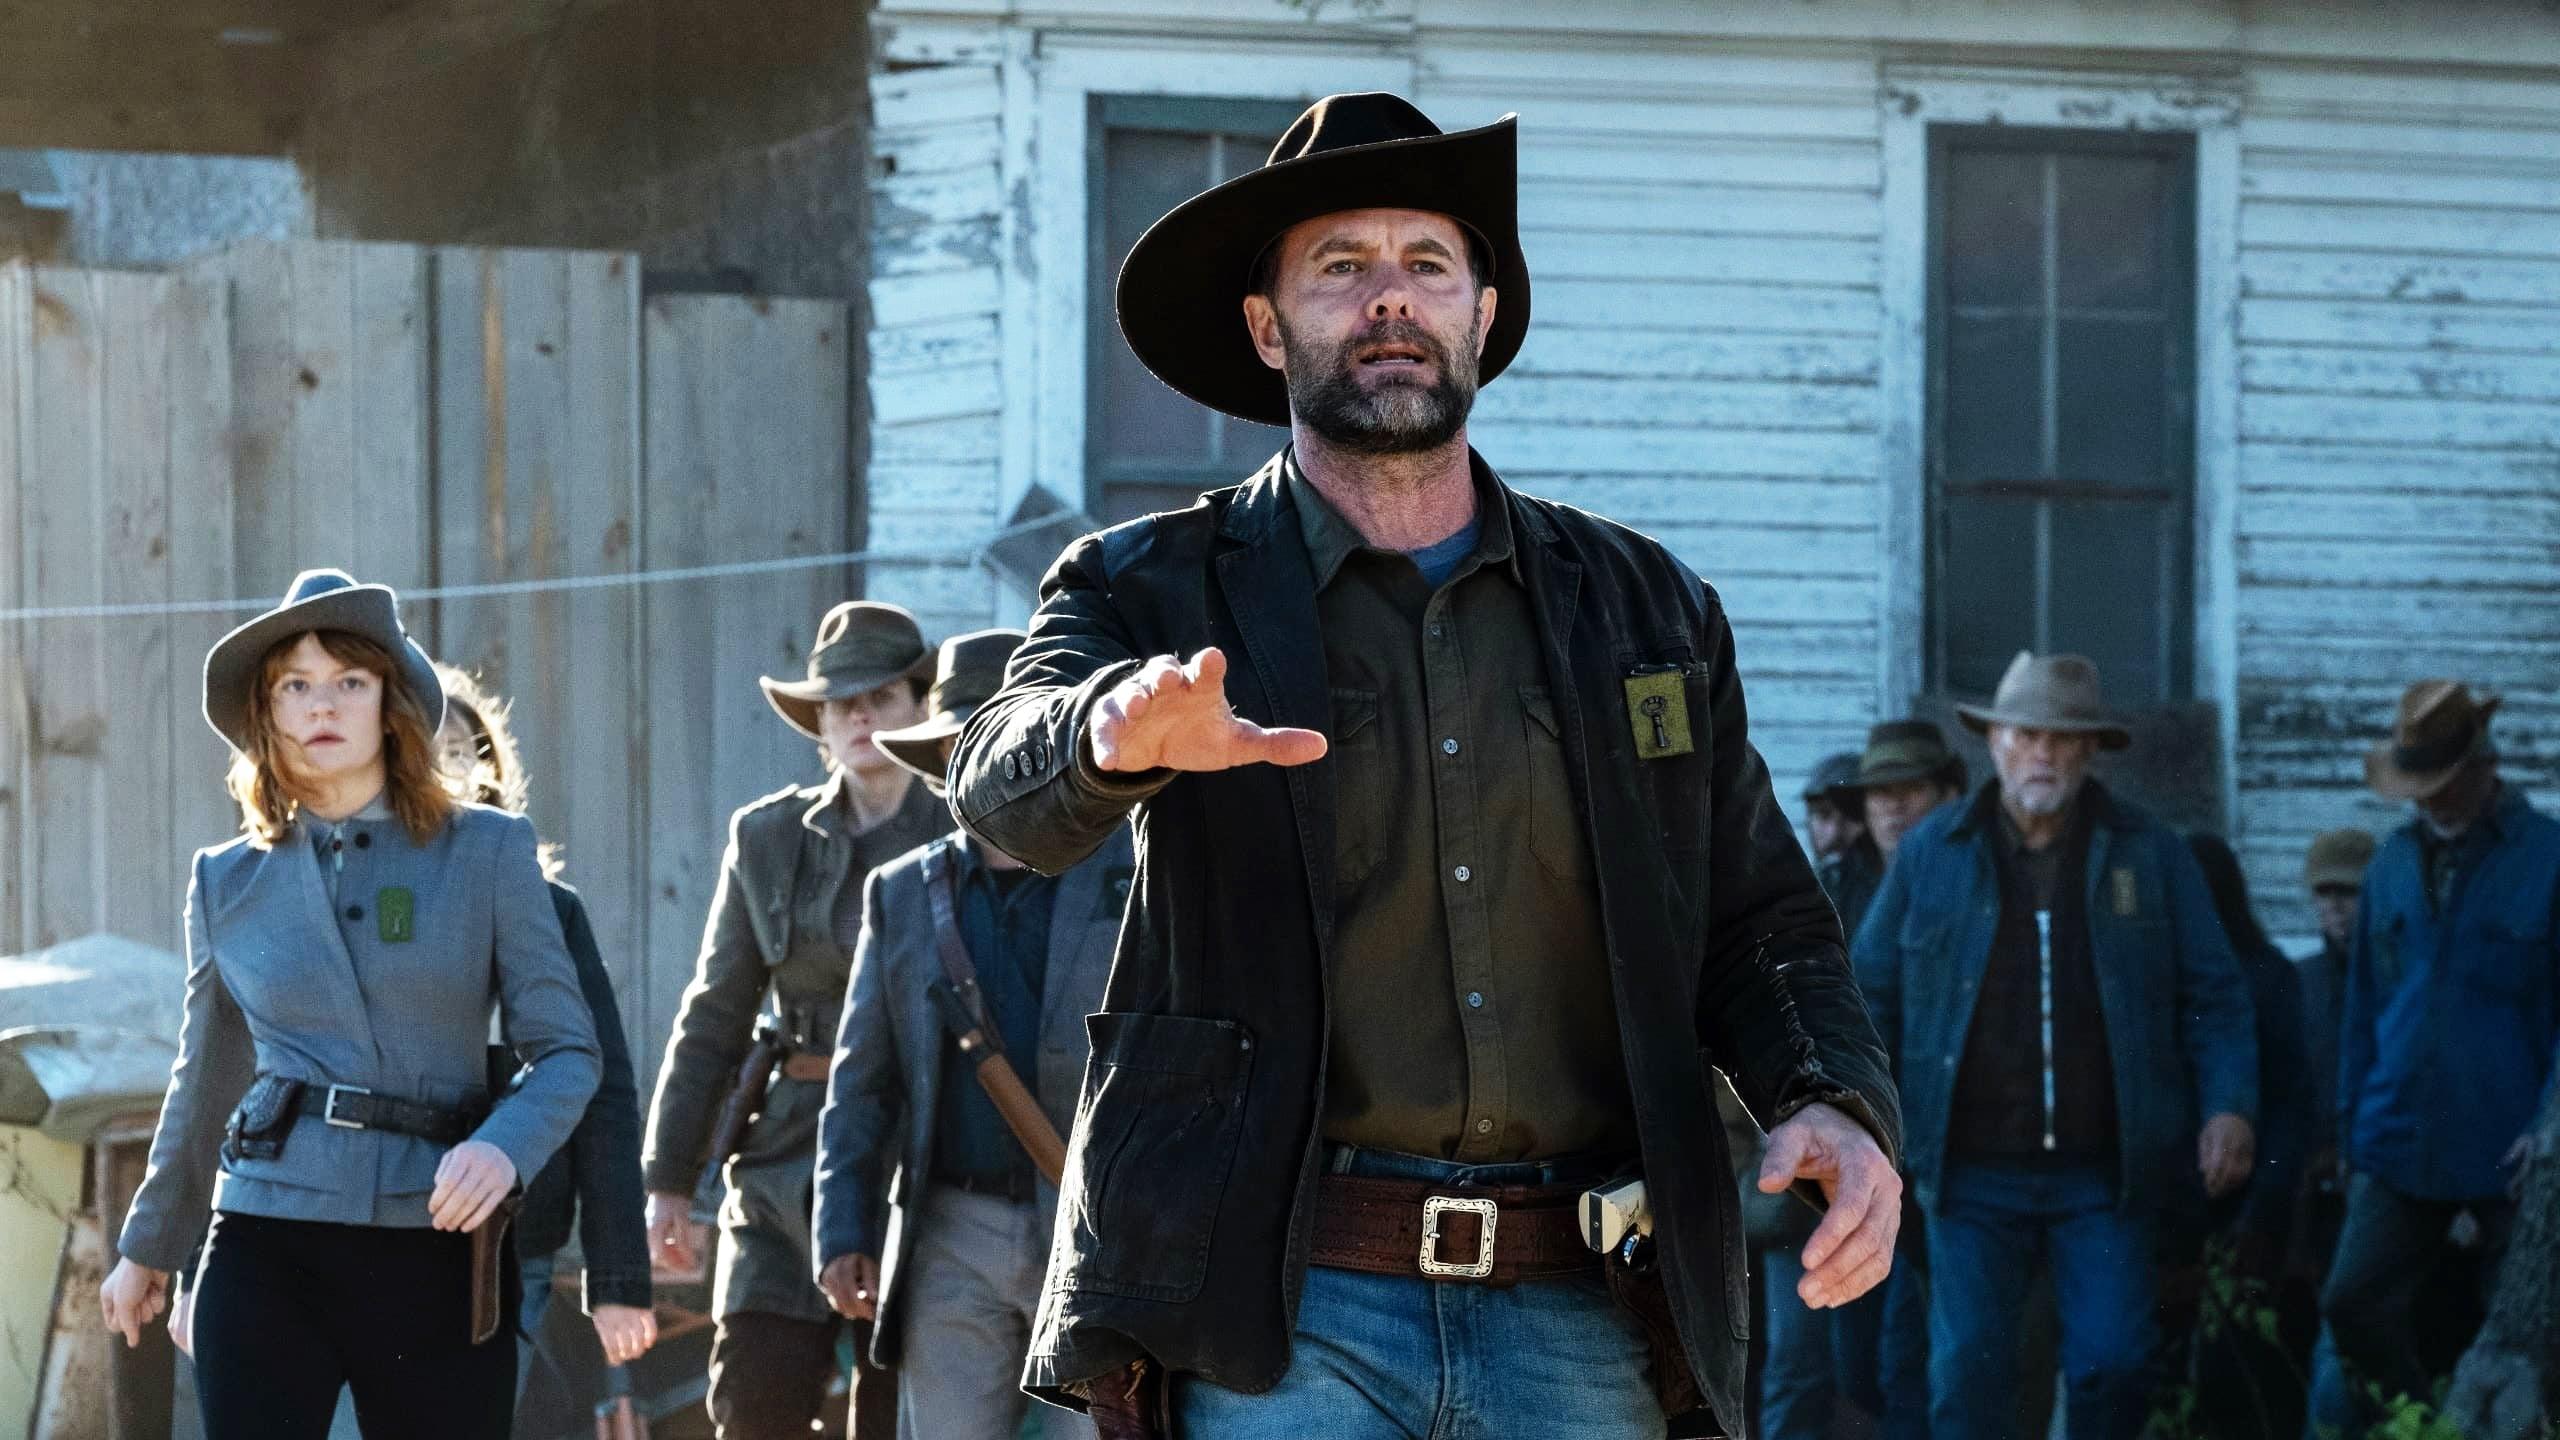 Fear the Walking Dead - Season 6 Episode 4 : The Key